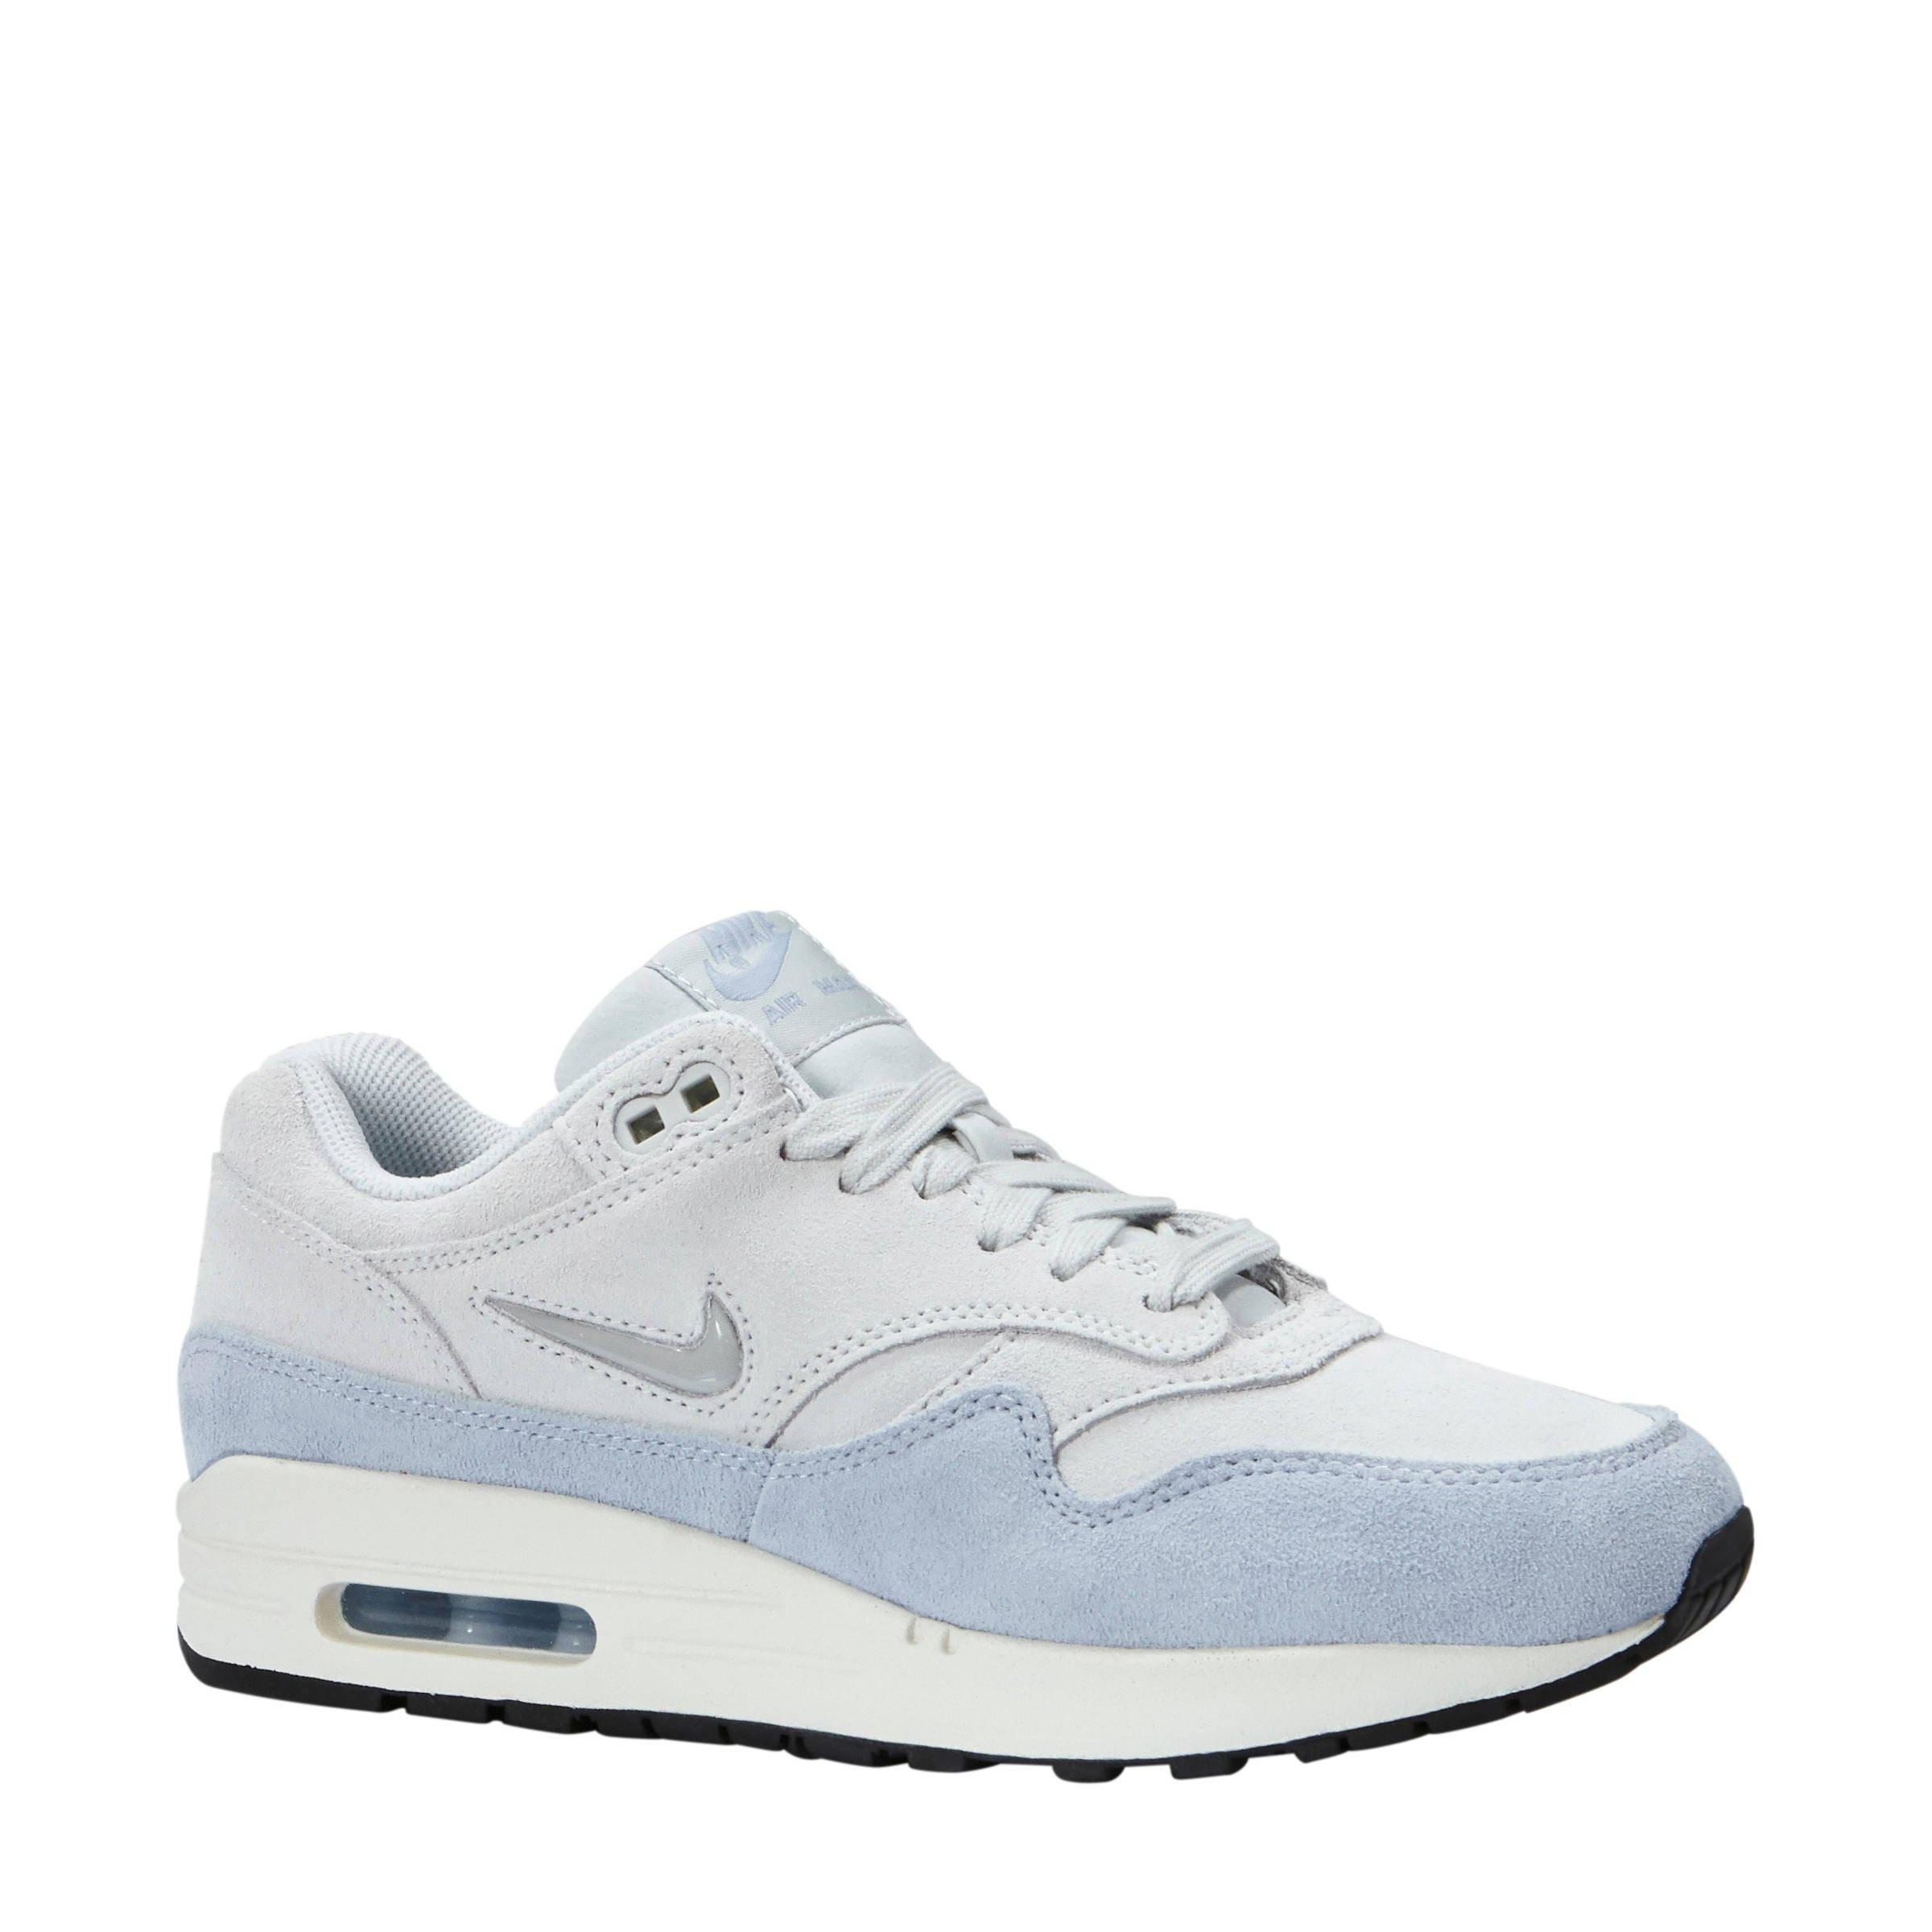 Nike Air Max 1 W schoenen wit blauw